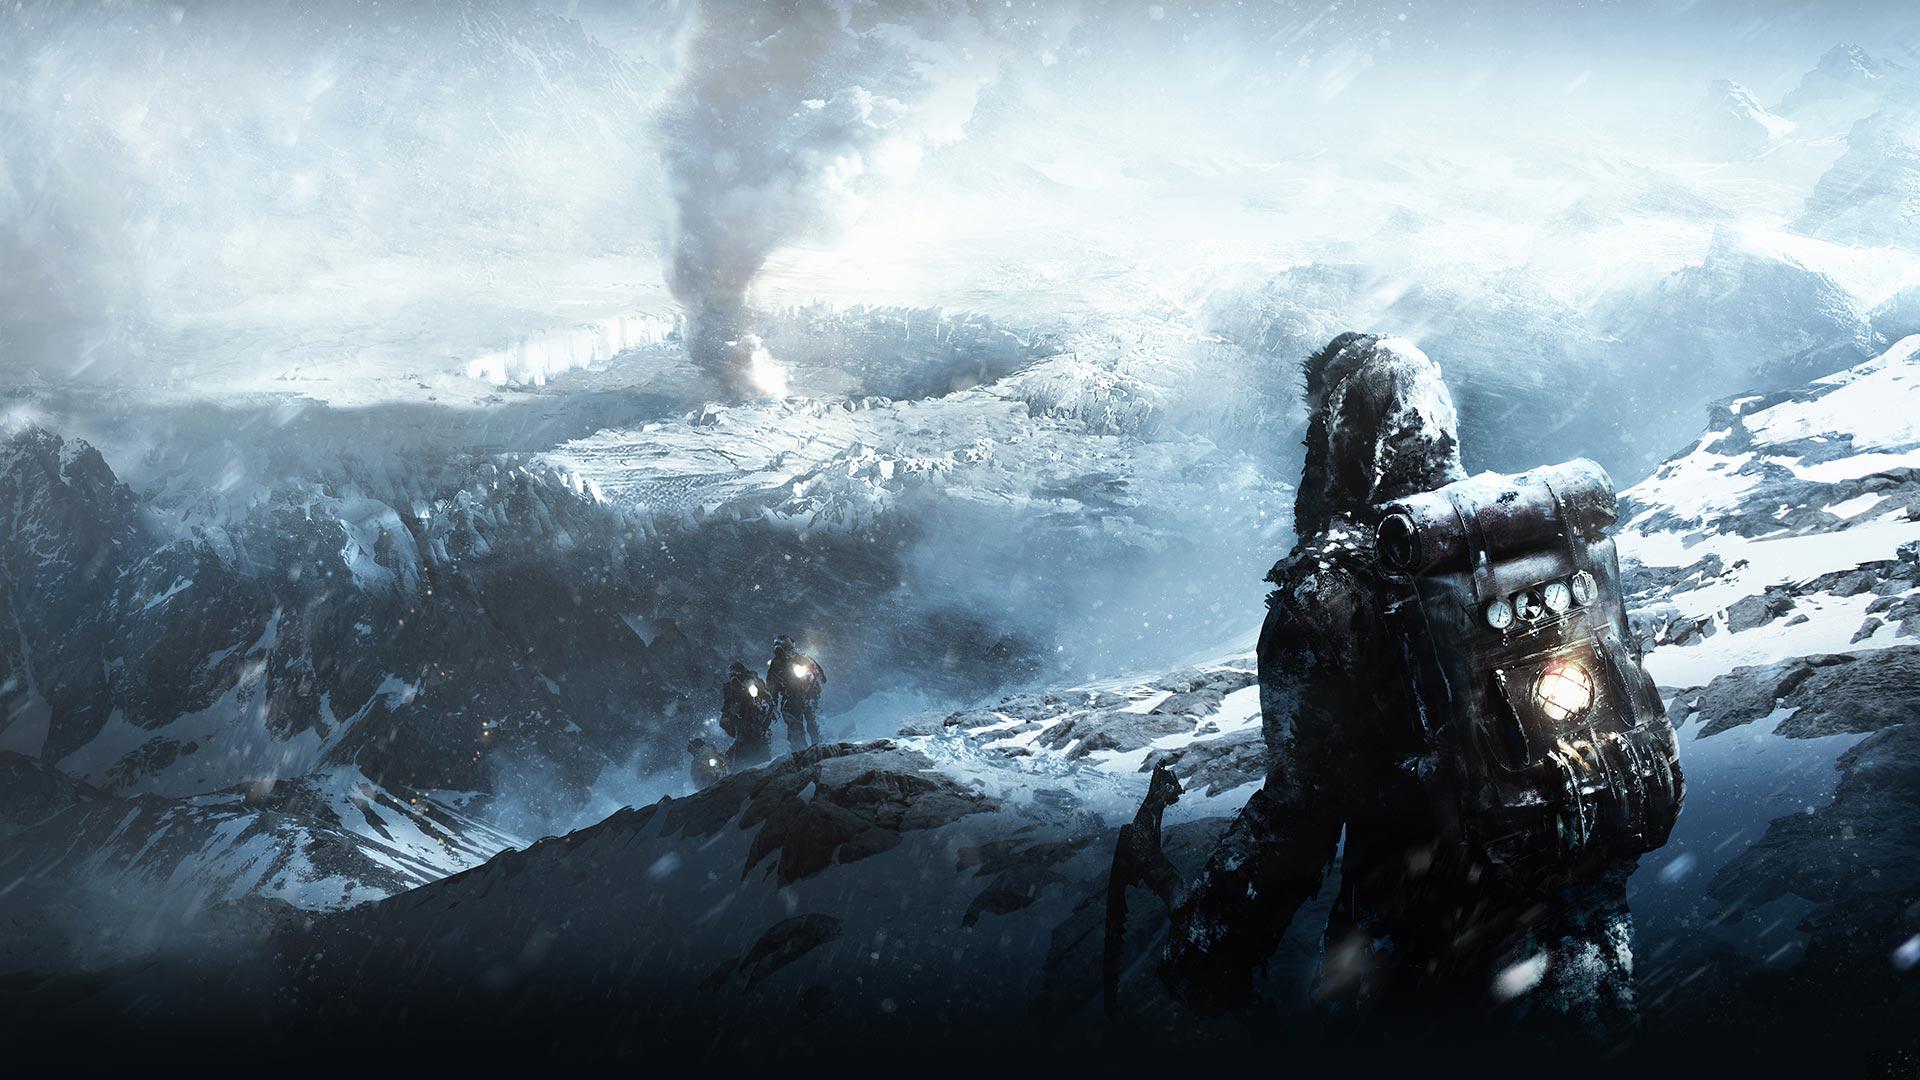 В новом трейлере Frostpunk разработчики рассказали об 11 особенностях игры